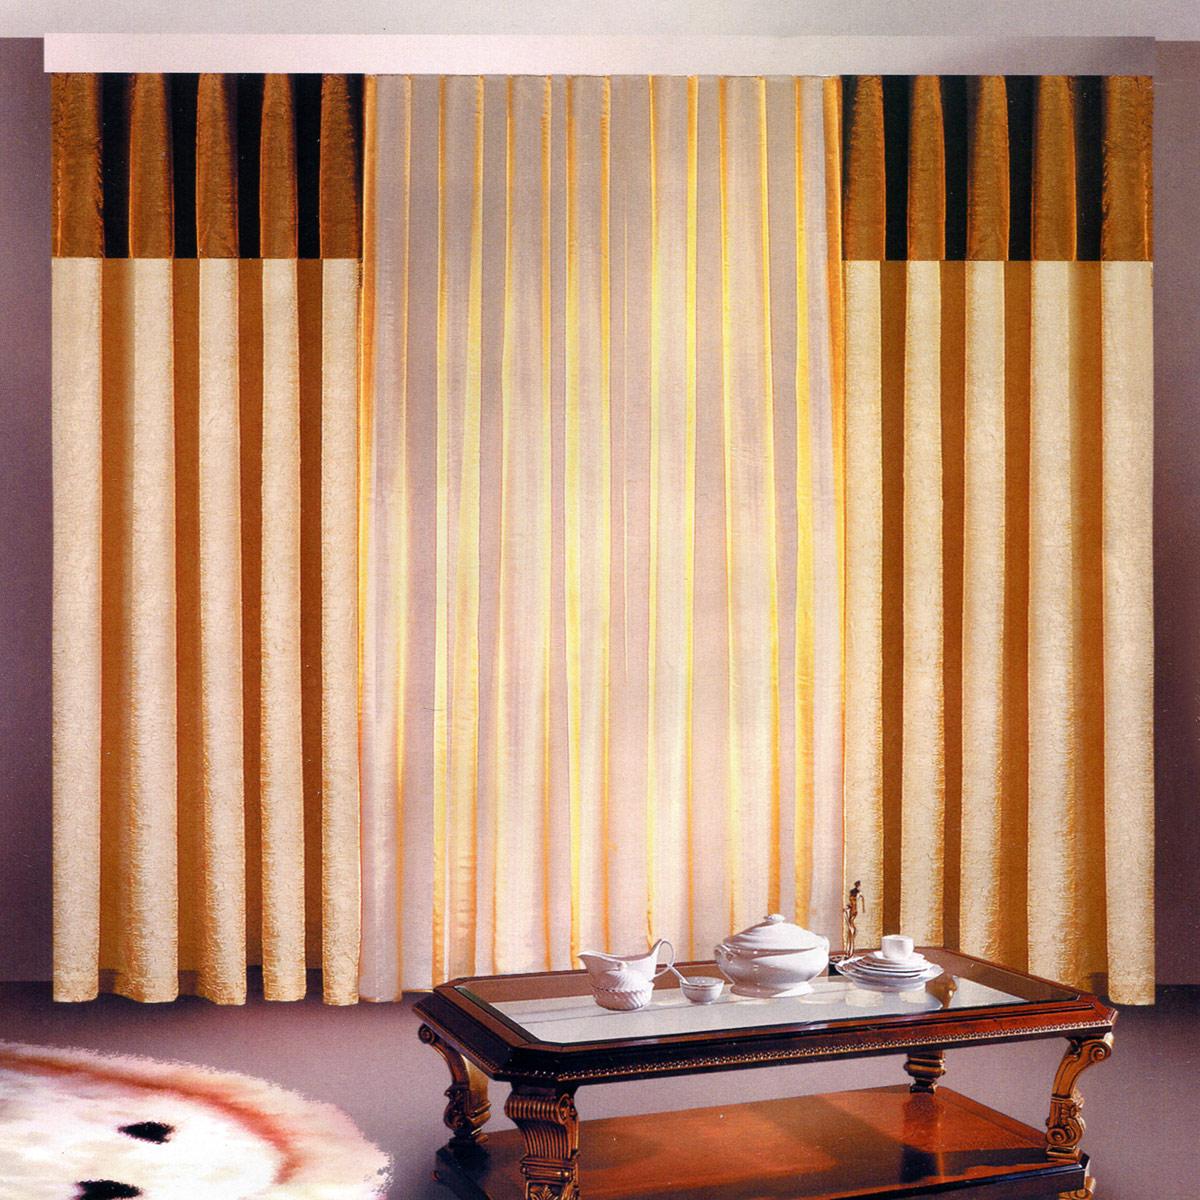 Комплект штор Zlata Korunka, на ленте, цвет: венге, высота 250 см. Б097Б097 венгеРоскошный комплект штор Zlata Korunka, выполненный из полиэстера, великолепно украситлюбое окно. Комплект состоит из двух штор и тюля. Воздушная ткань и приятная, приглушеннаягамма привлекут к себевнимание и органично впишутся в интерьер помещения. Этот комплект будет долгое время радовать вас и вашу семью! Шторы крепятся на карниз при помощи ленты, которая поможет красиво и равномернозадрапировать верх.Ширина шторы: 140 +/- 5 см.